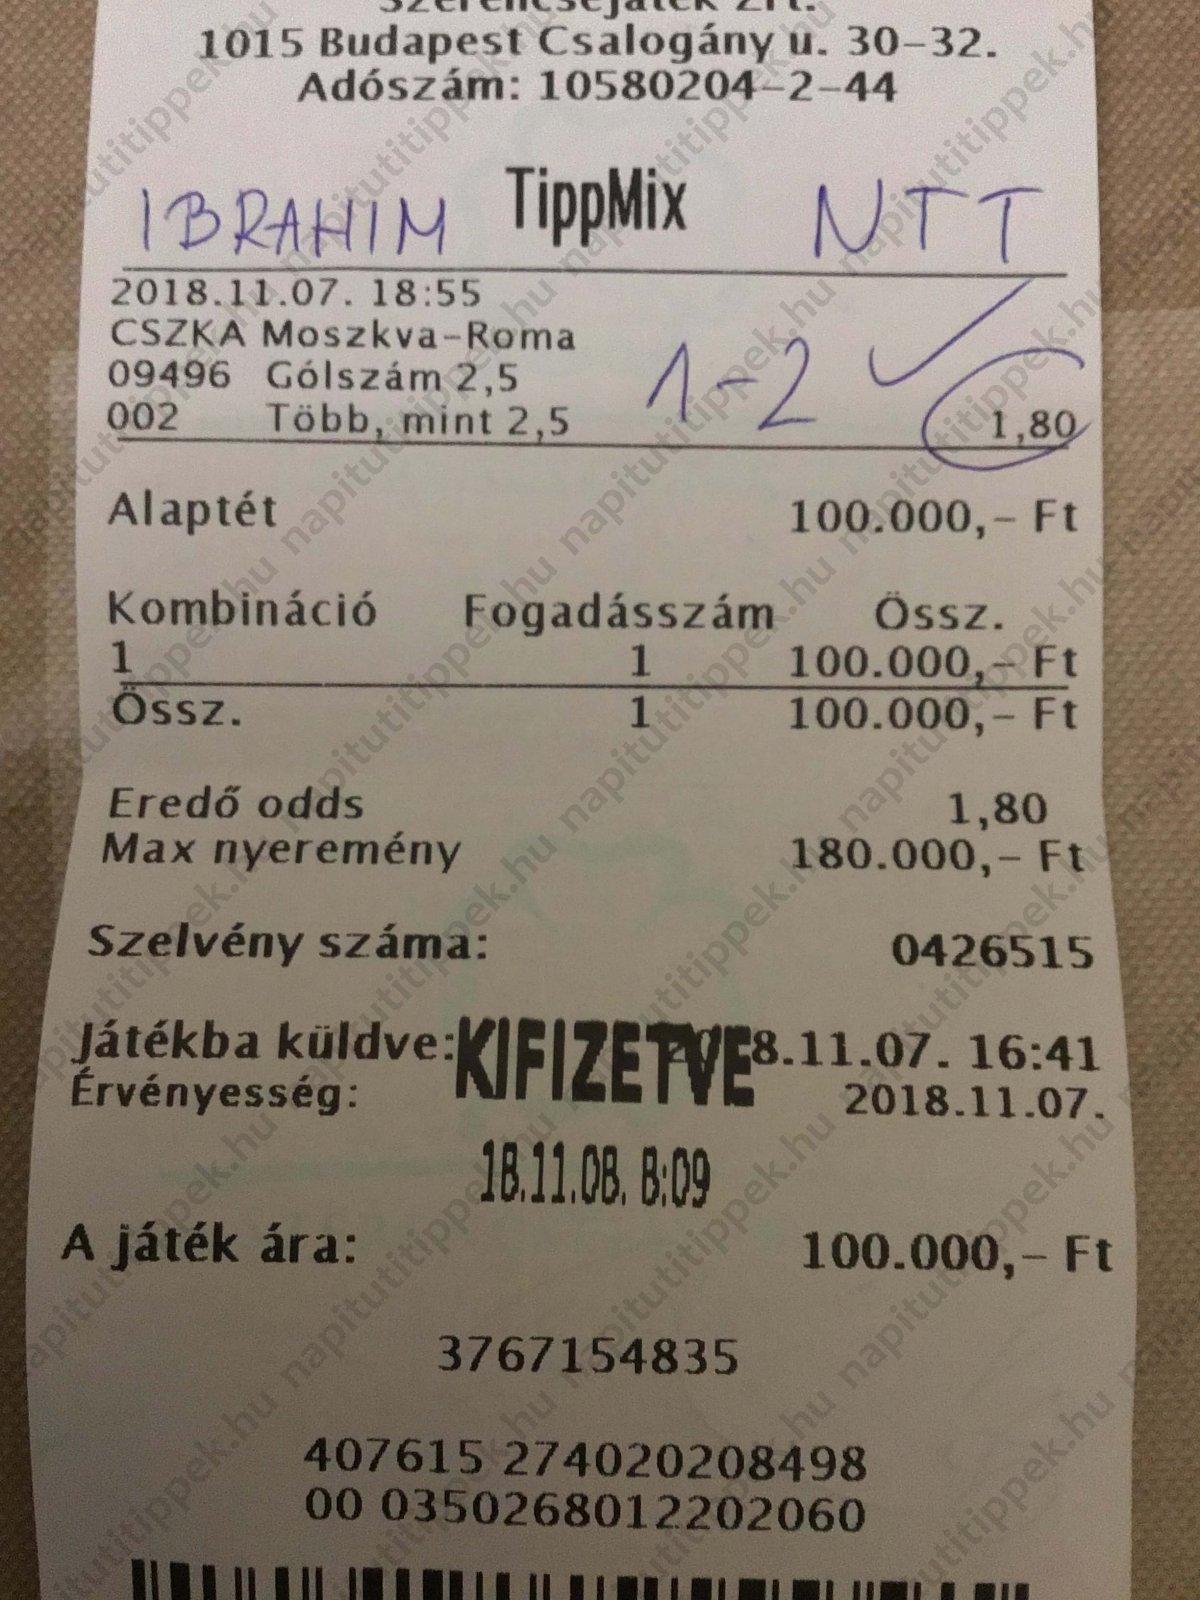 Tippmix tuti tippek: Tippmix tippek, mérkőzés elemzések, statisztikai adatok. Napi ingyenes tippek. Csatlakozz Magyarország legsikeresebb sportfogadó csapatához!